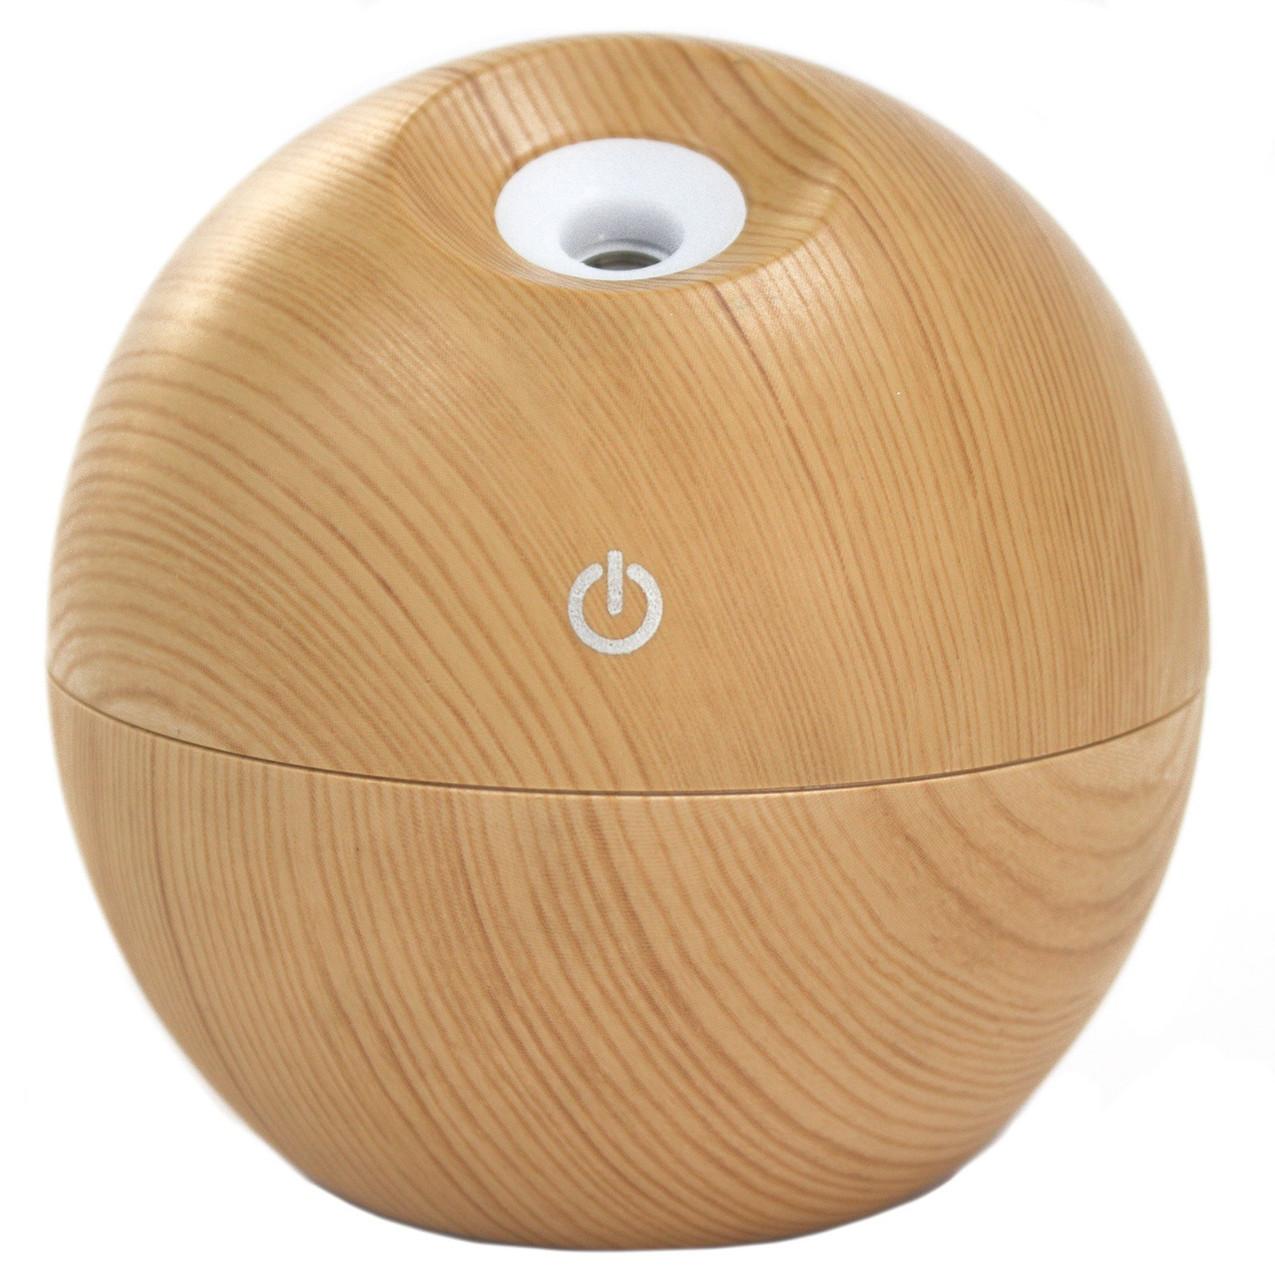 ergo-globe pinewood atomiser 1